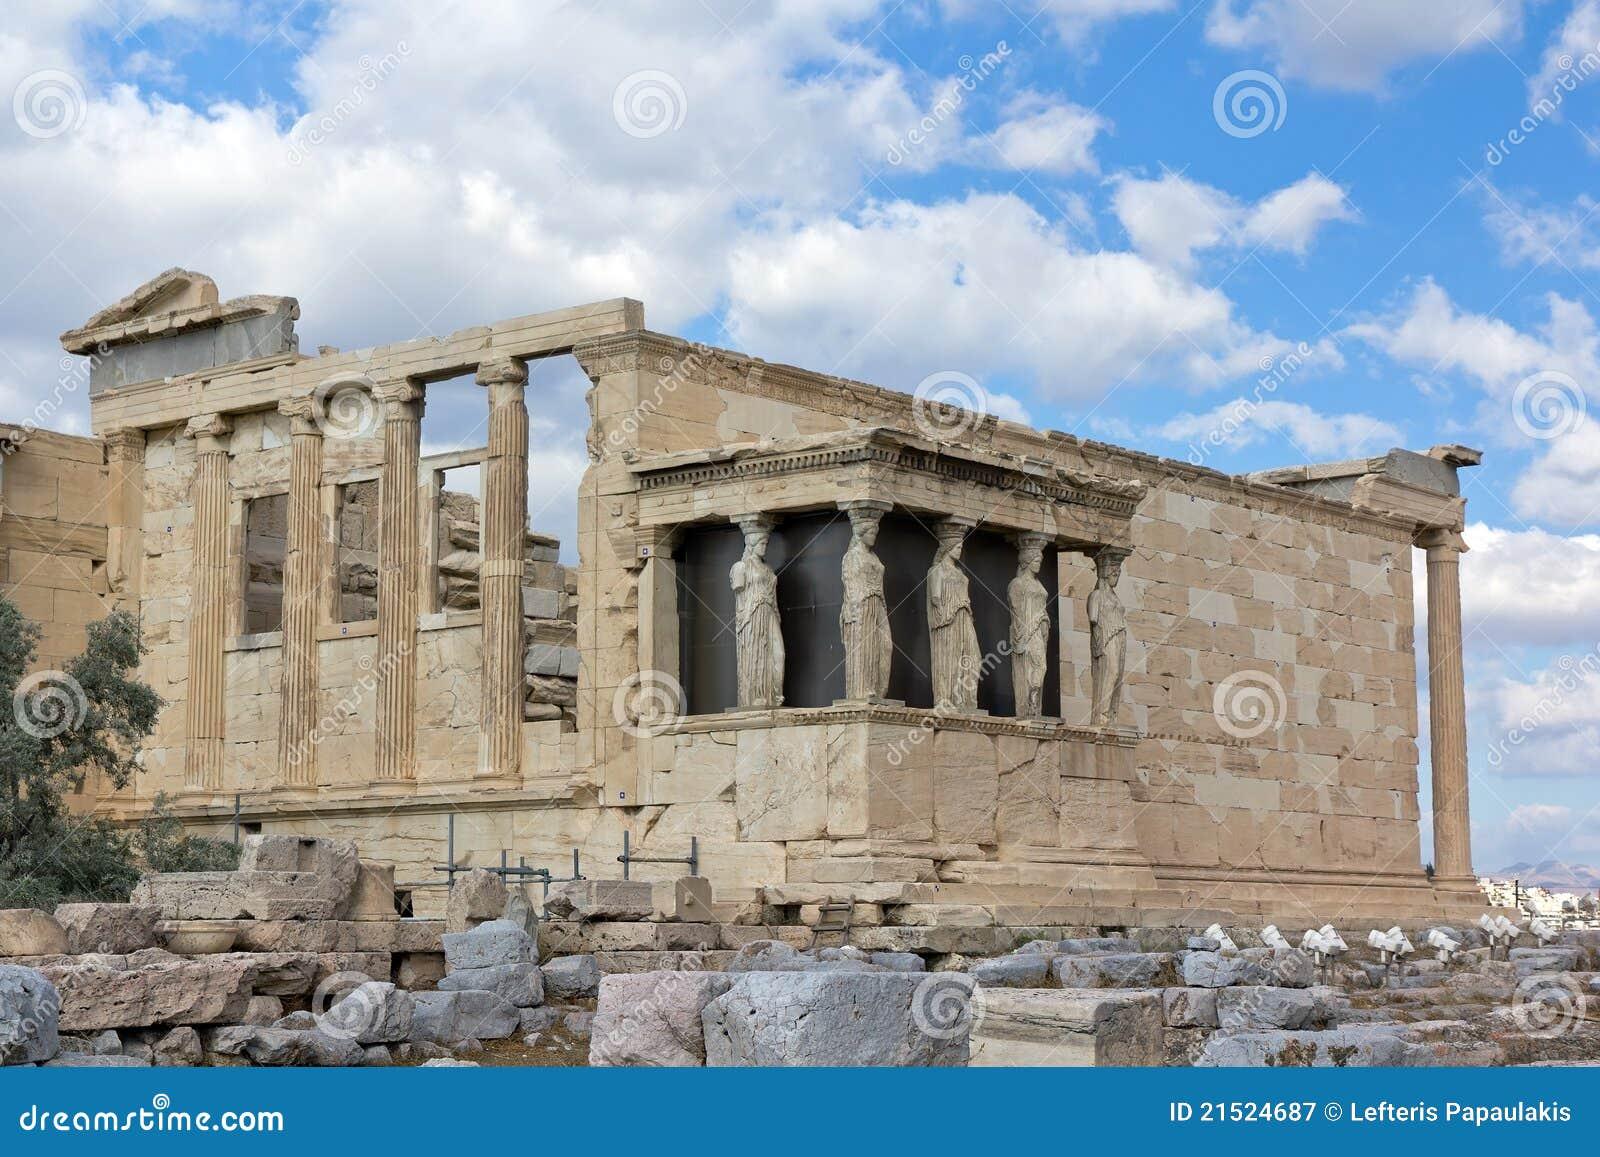 Erechtheum, Acropolis, Greece